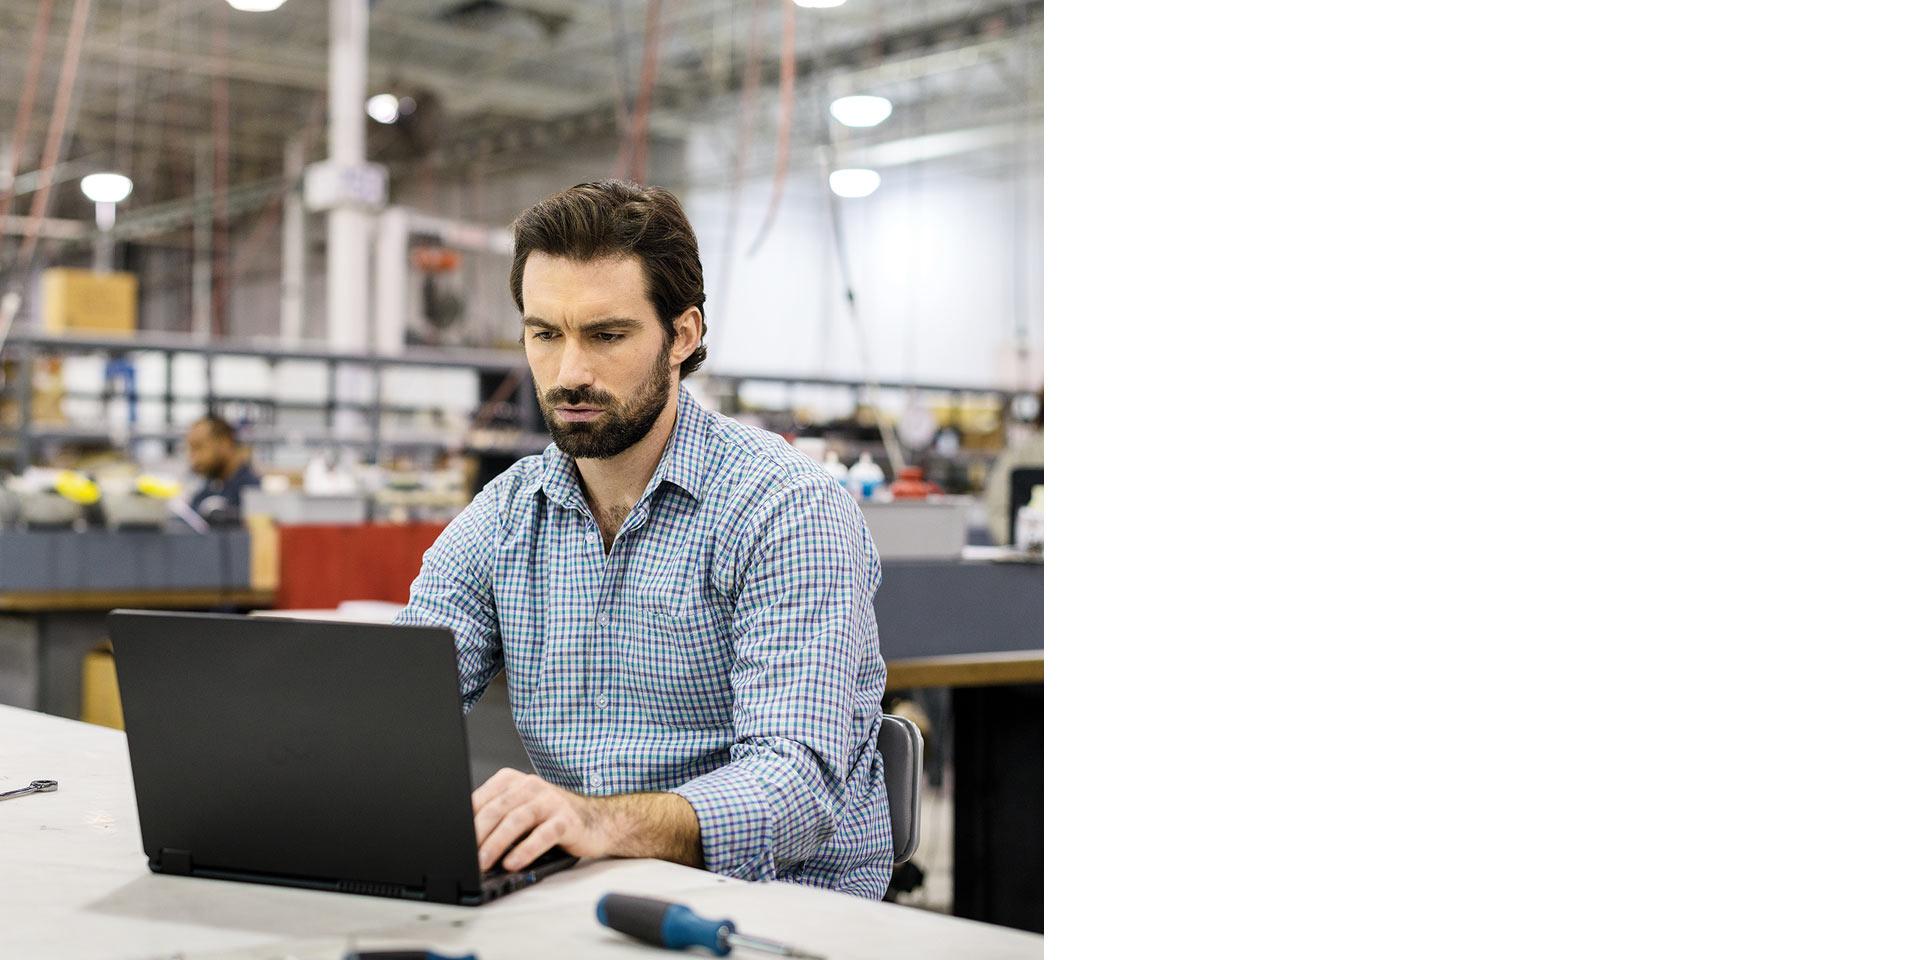 Мужчина пользуется ноутбуком на заводе